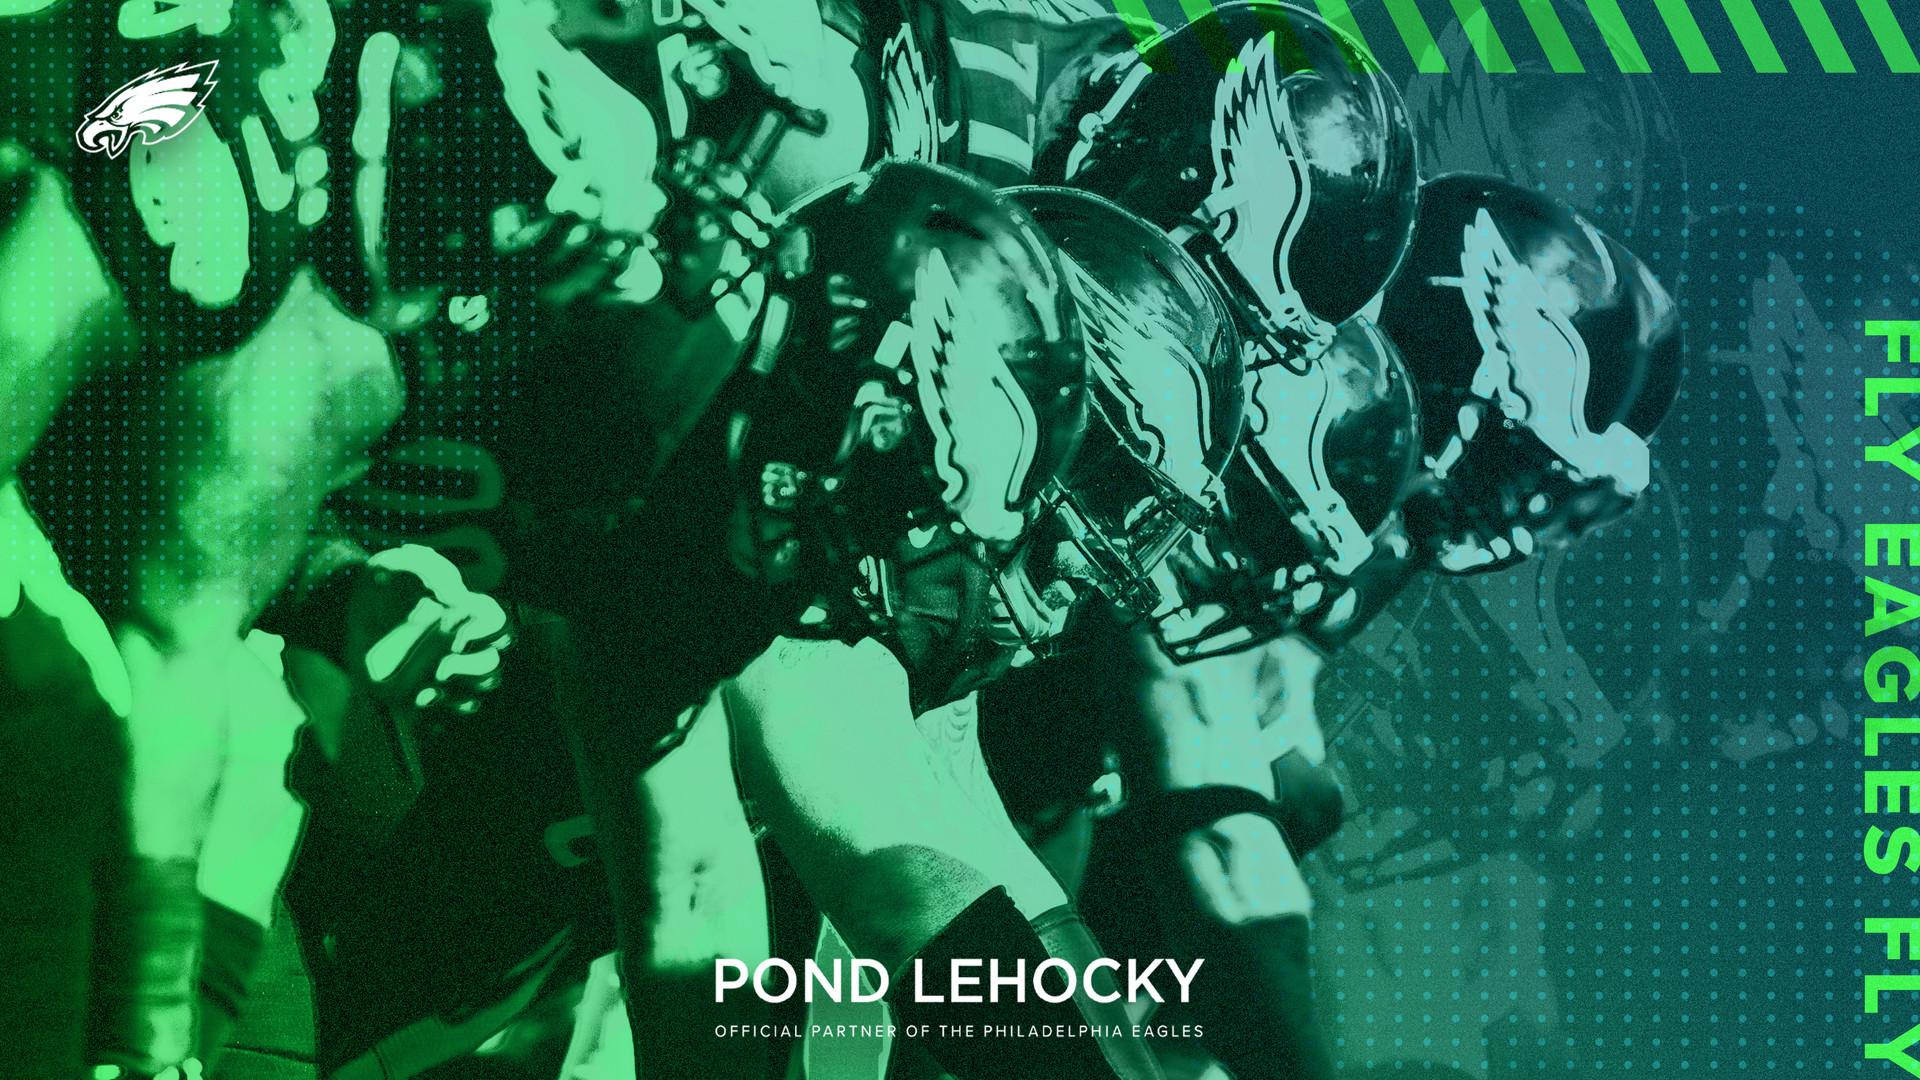 Eagles Computer Background Design